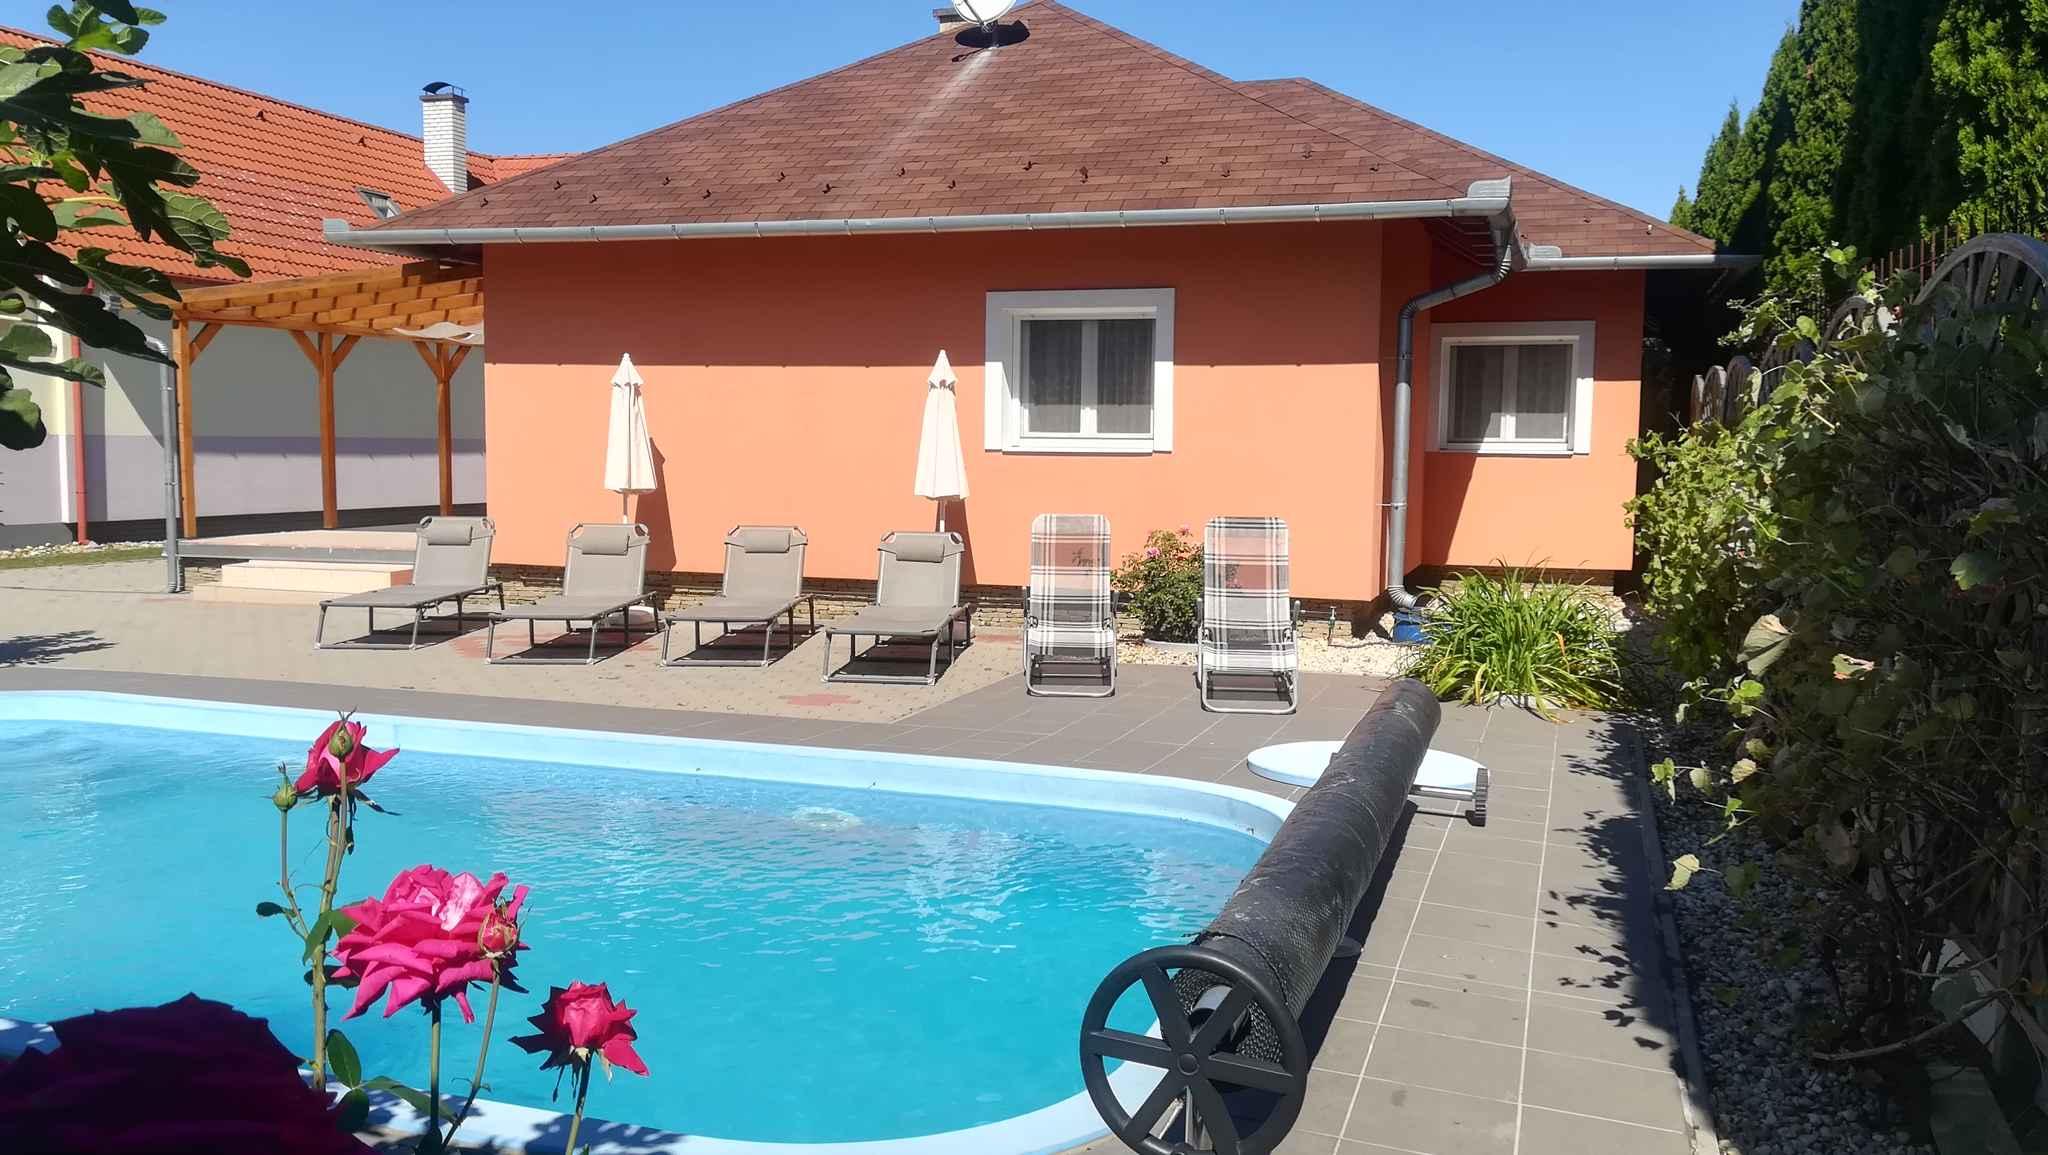 Bungalow mit Pool und Internet Ferienhaus in Ungarn